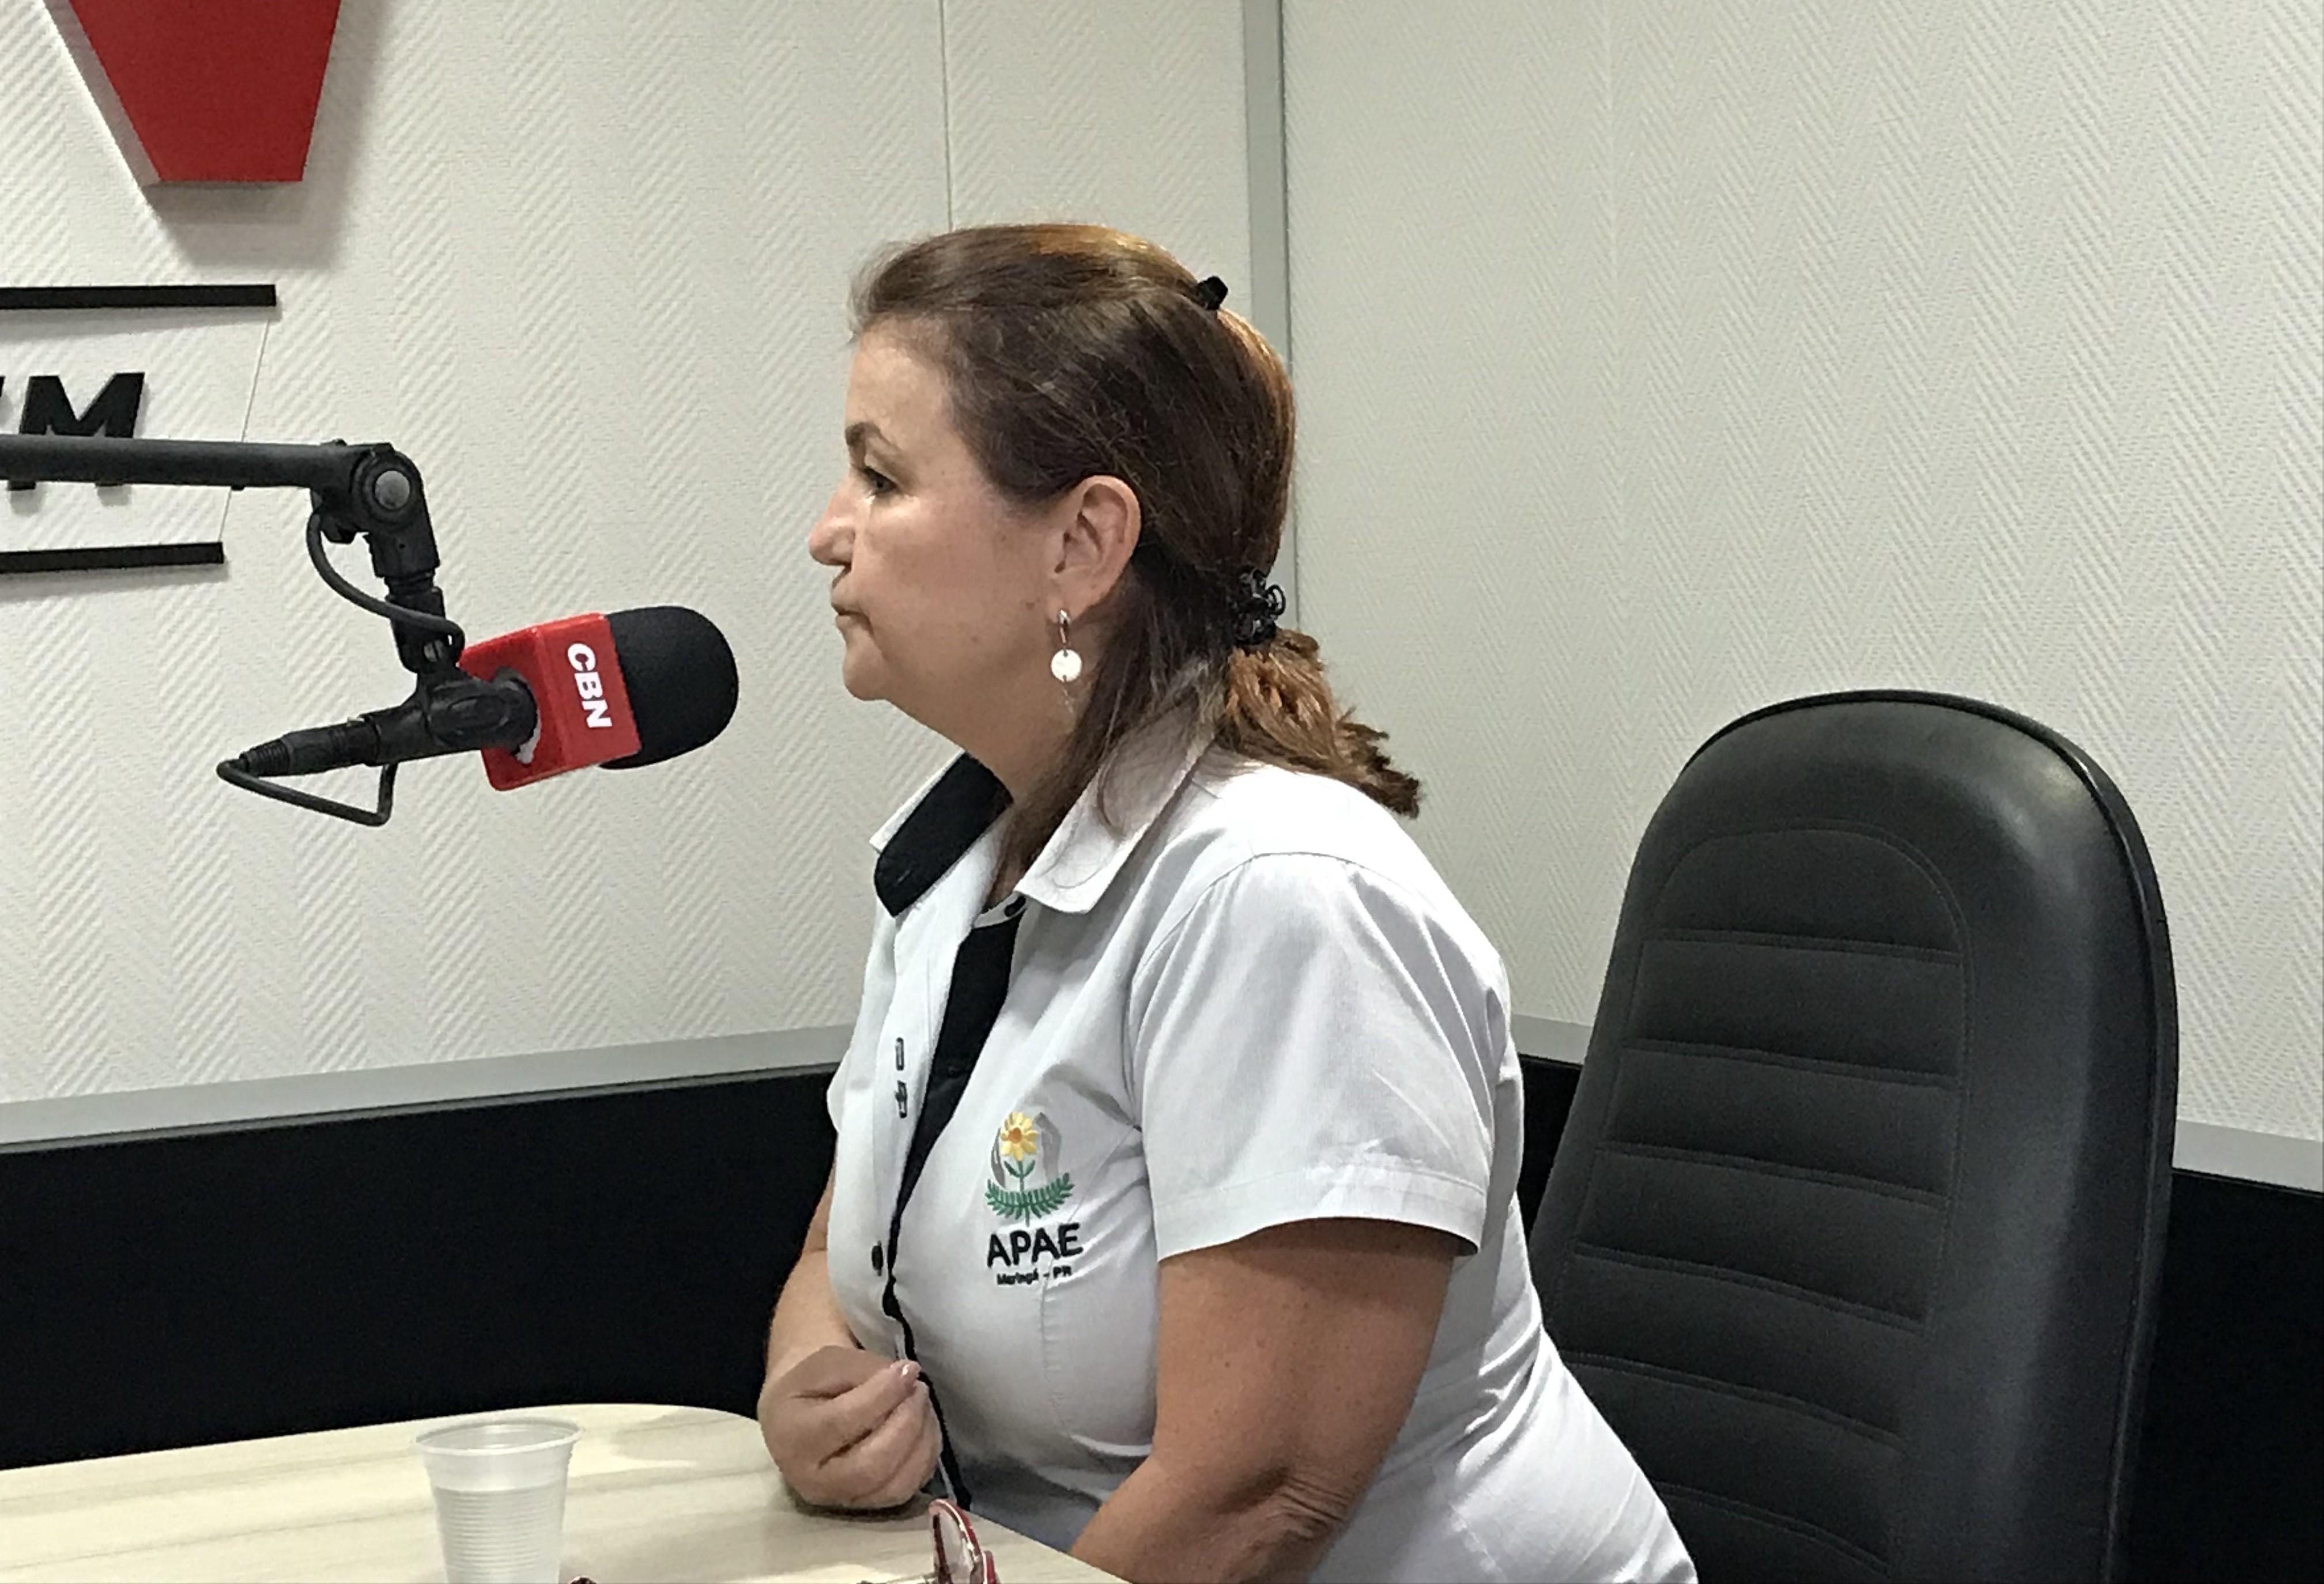 Cinco recém-nascidos  foram encaminhados à Apae por hospitais este ano em Maringá